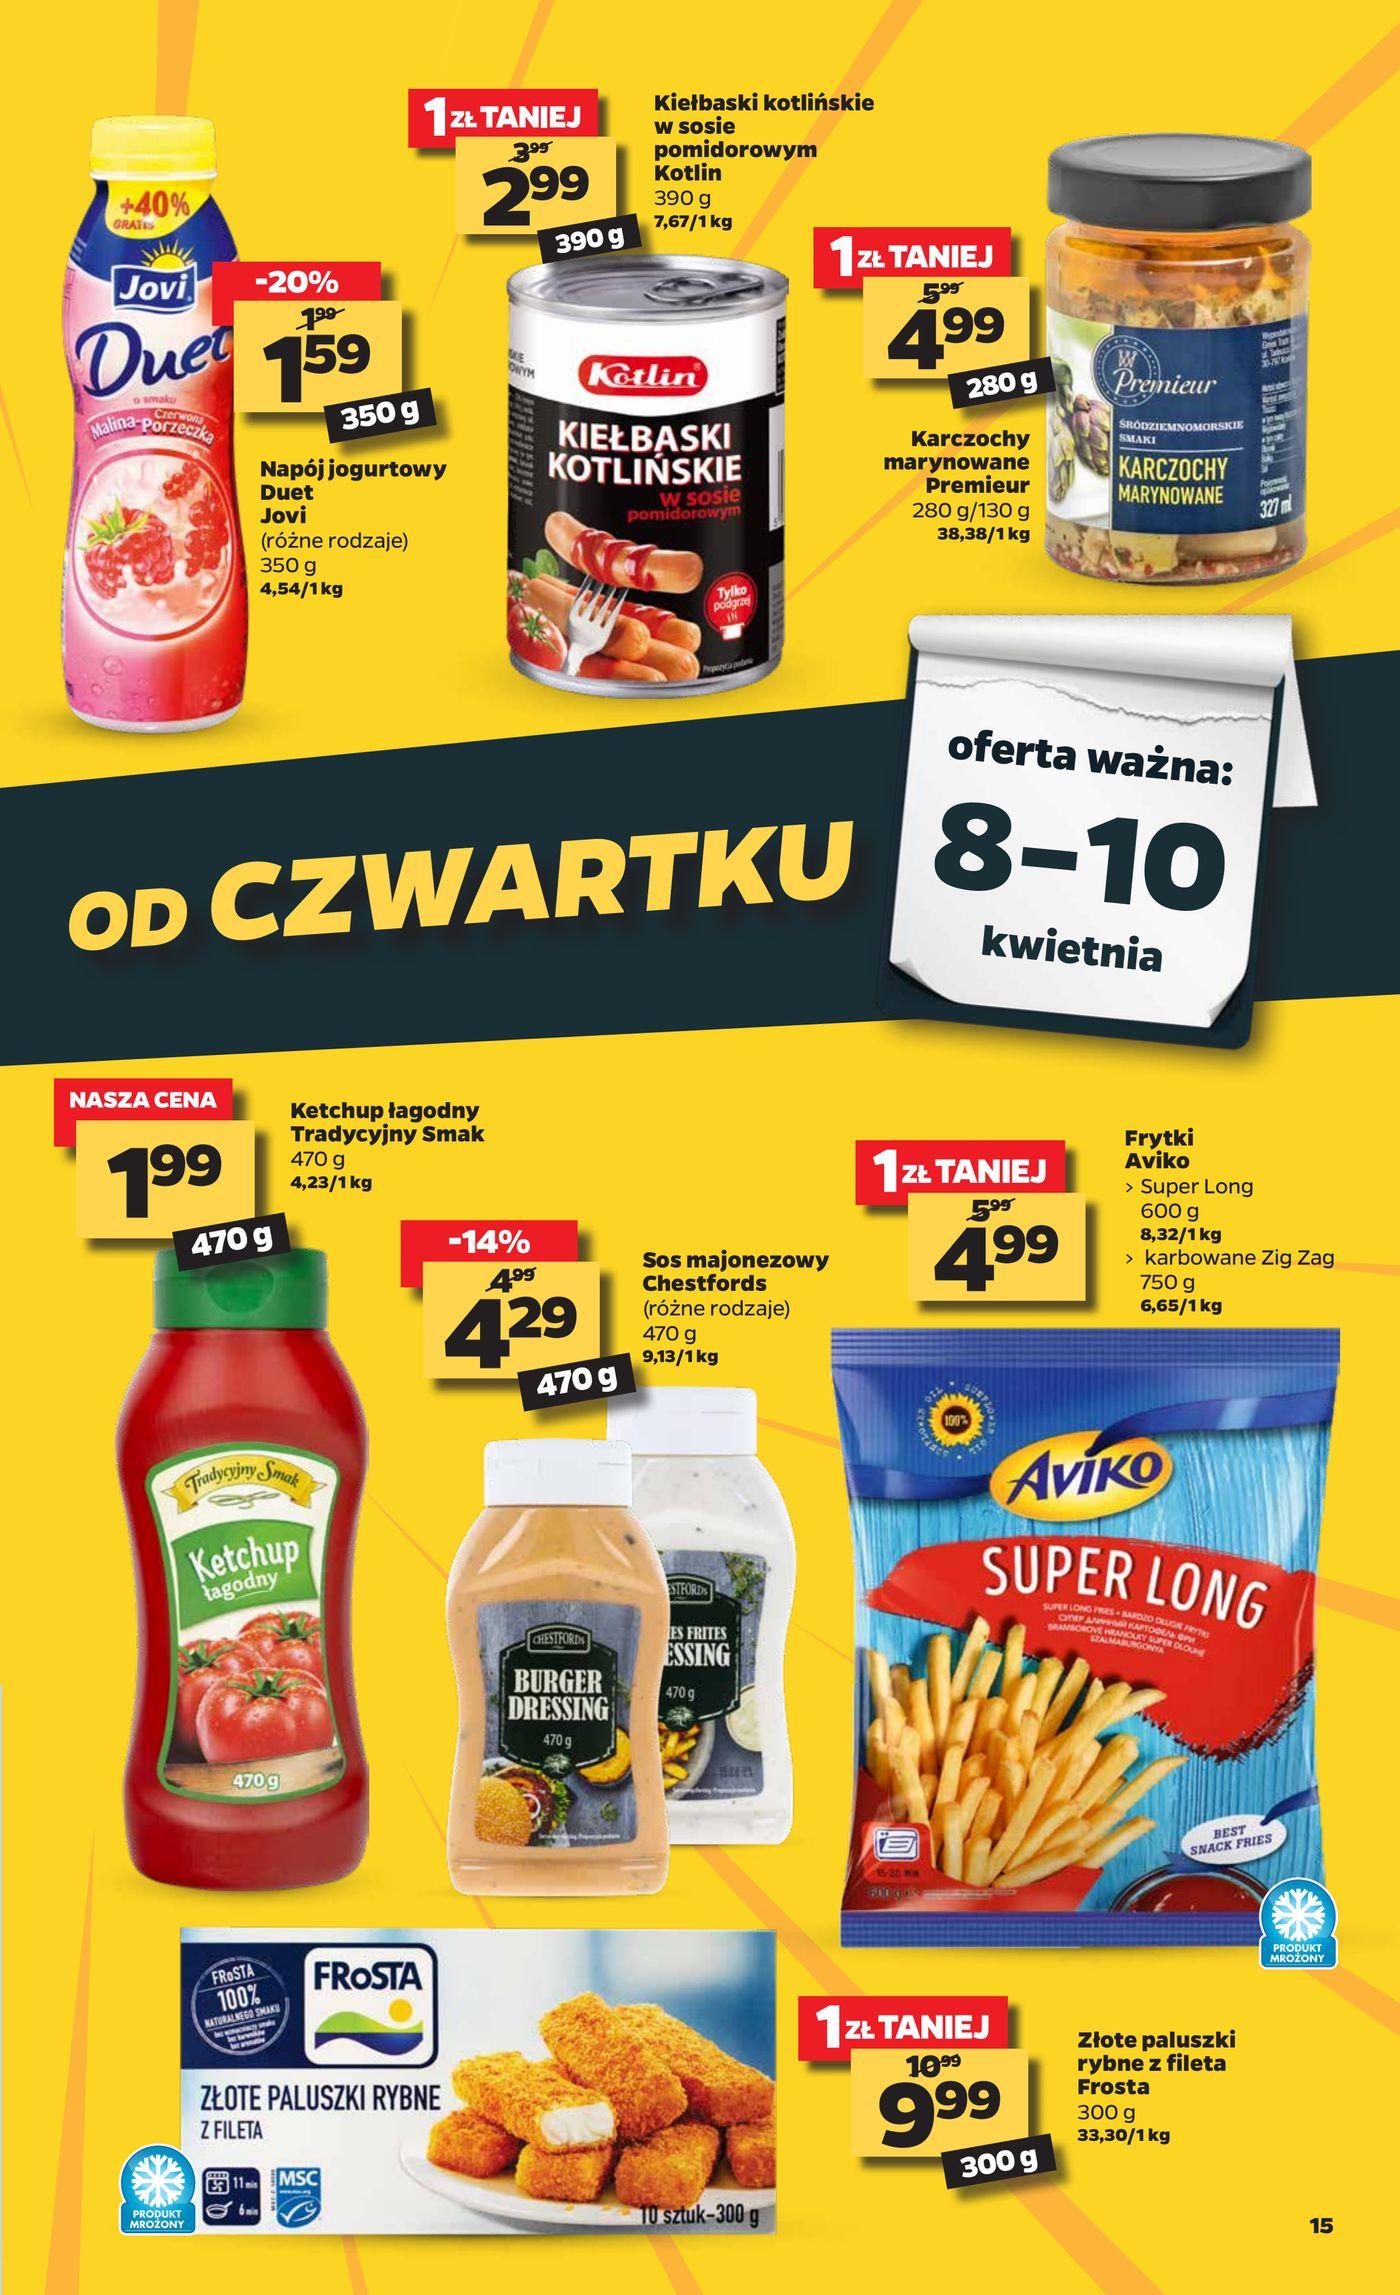 Gazetka Gazetka spożywcza Netto t. 14/21